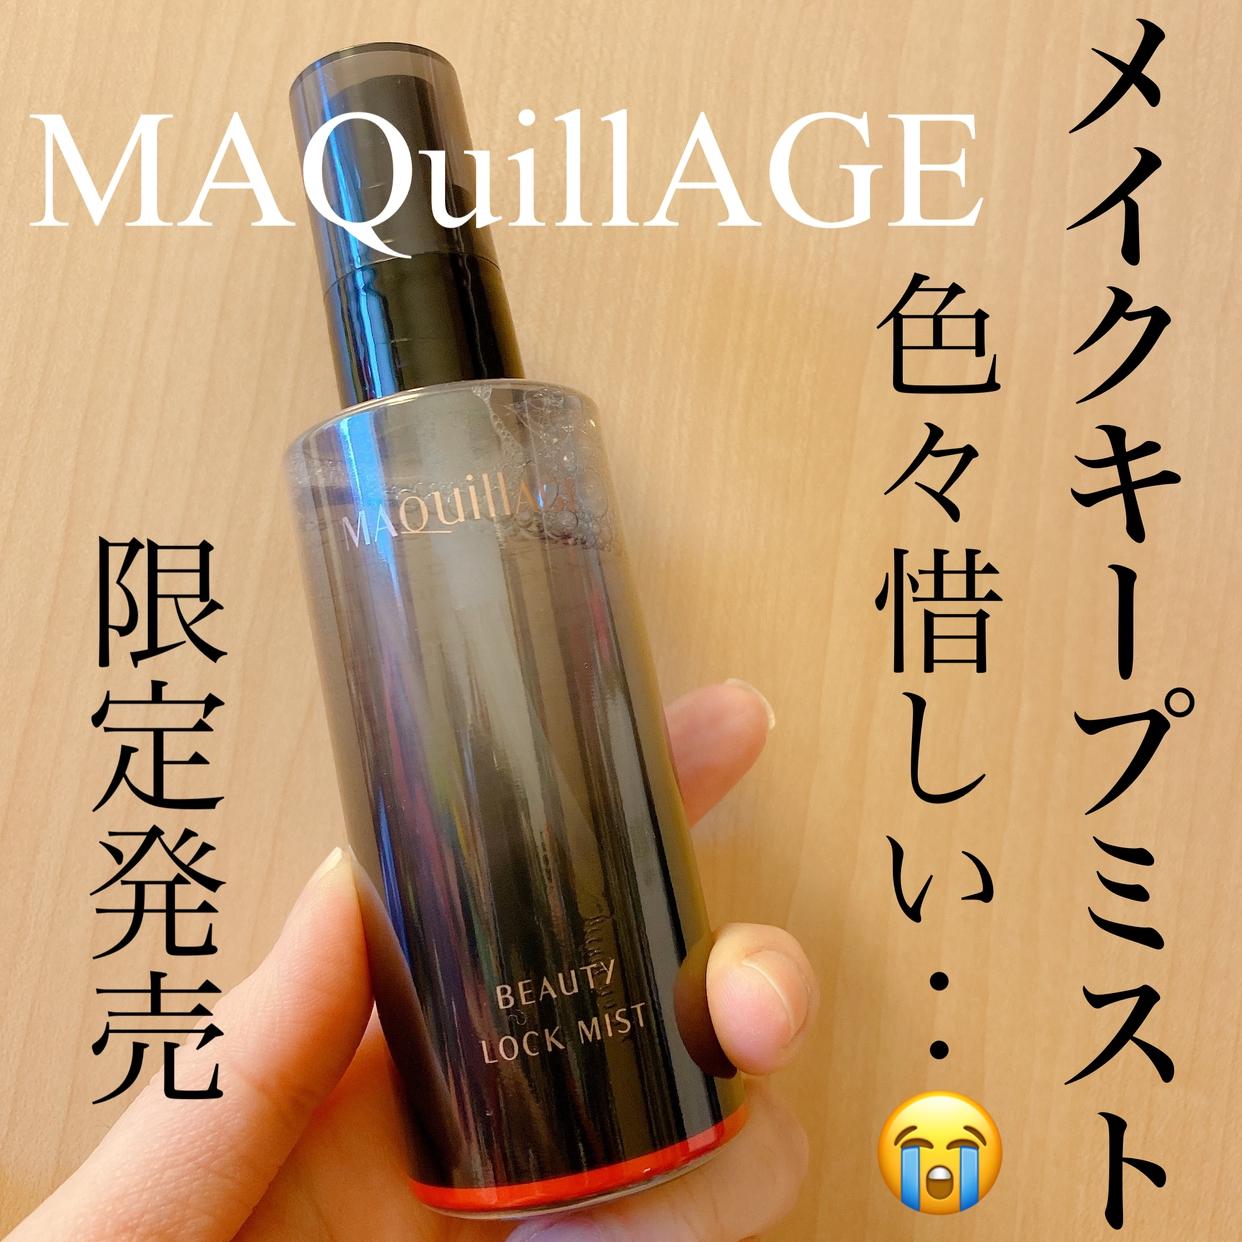 MAQuillAGE(マキアージュ)ビューティーロックミストを使ったOLちゃんさんのクチコミ画像1